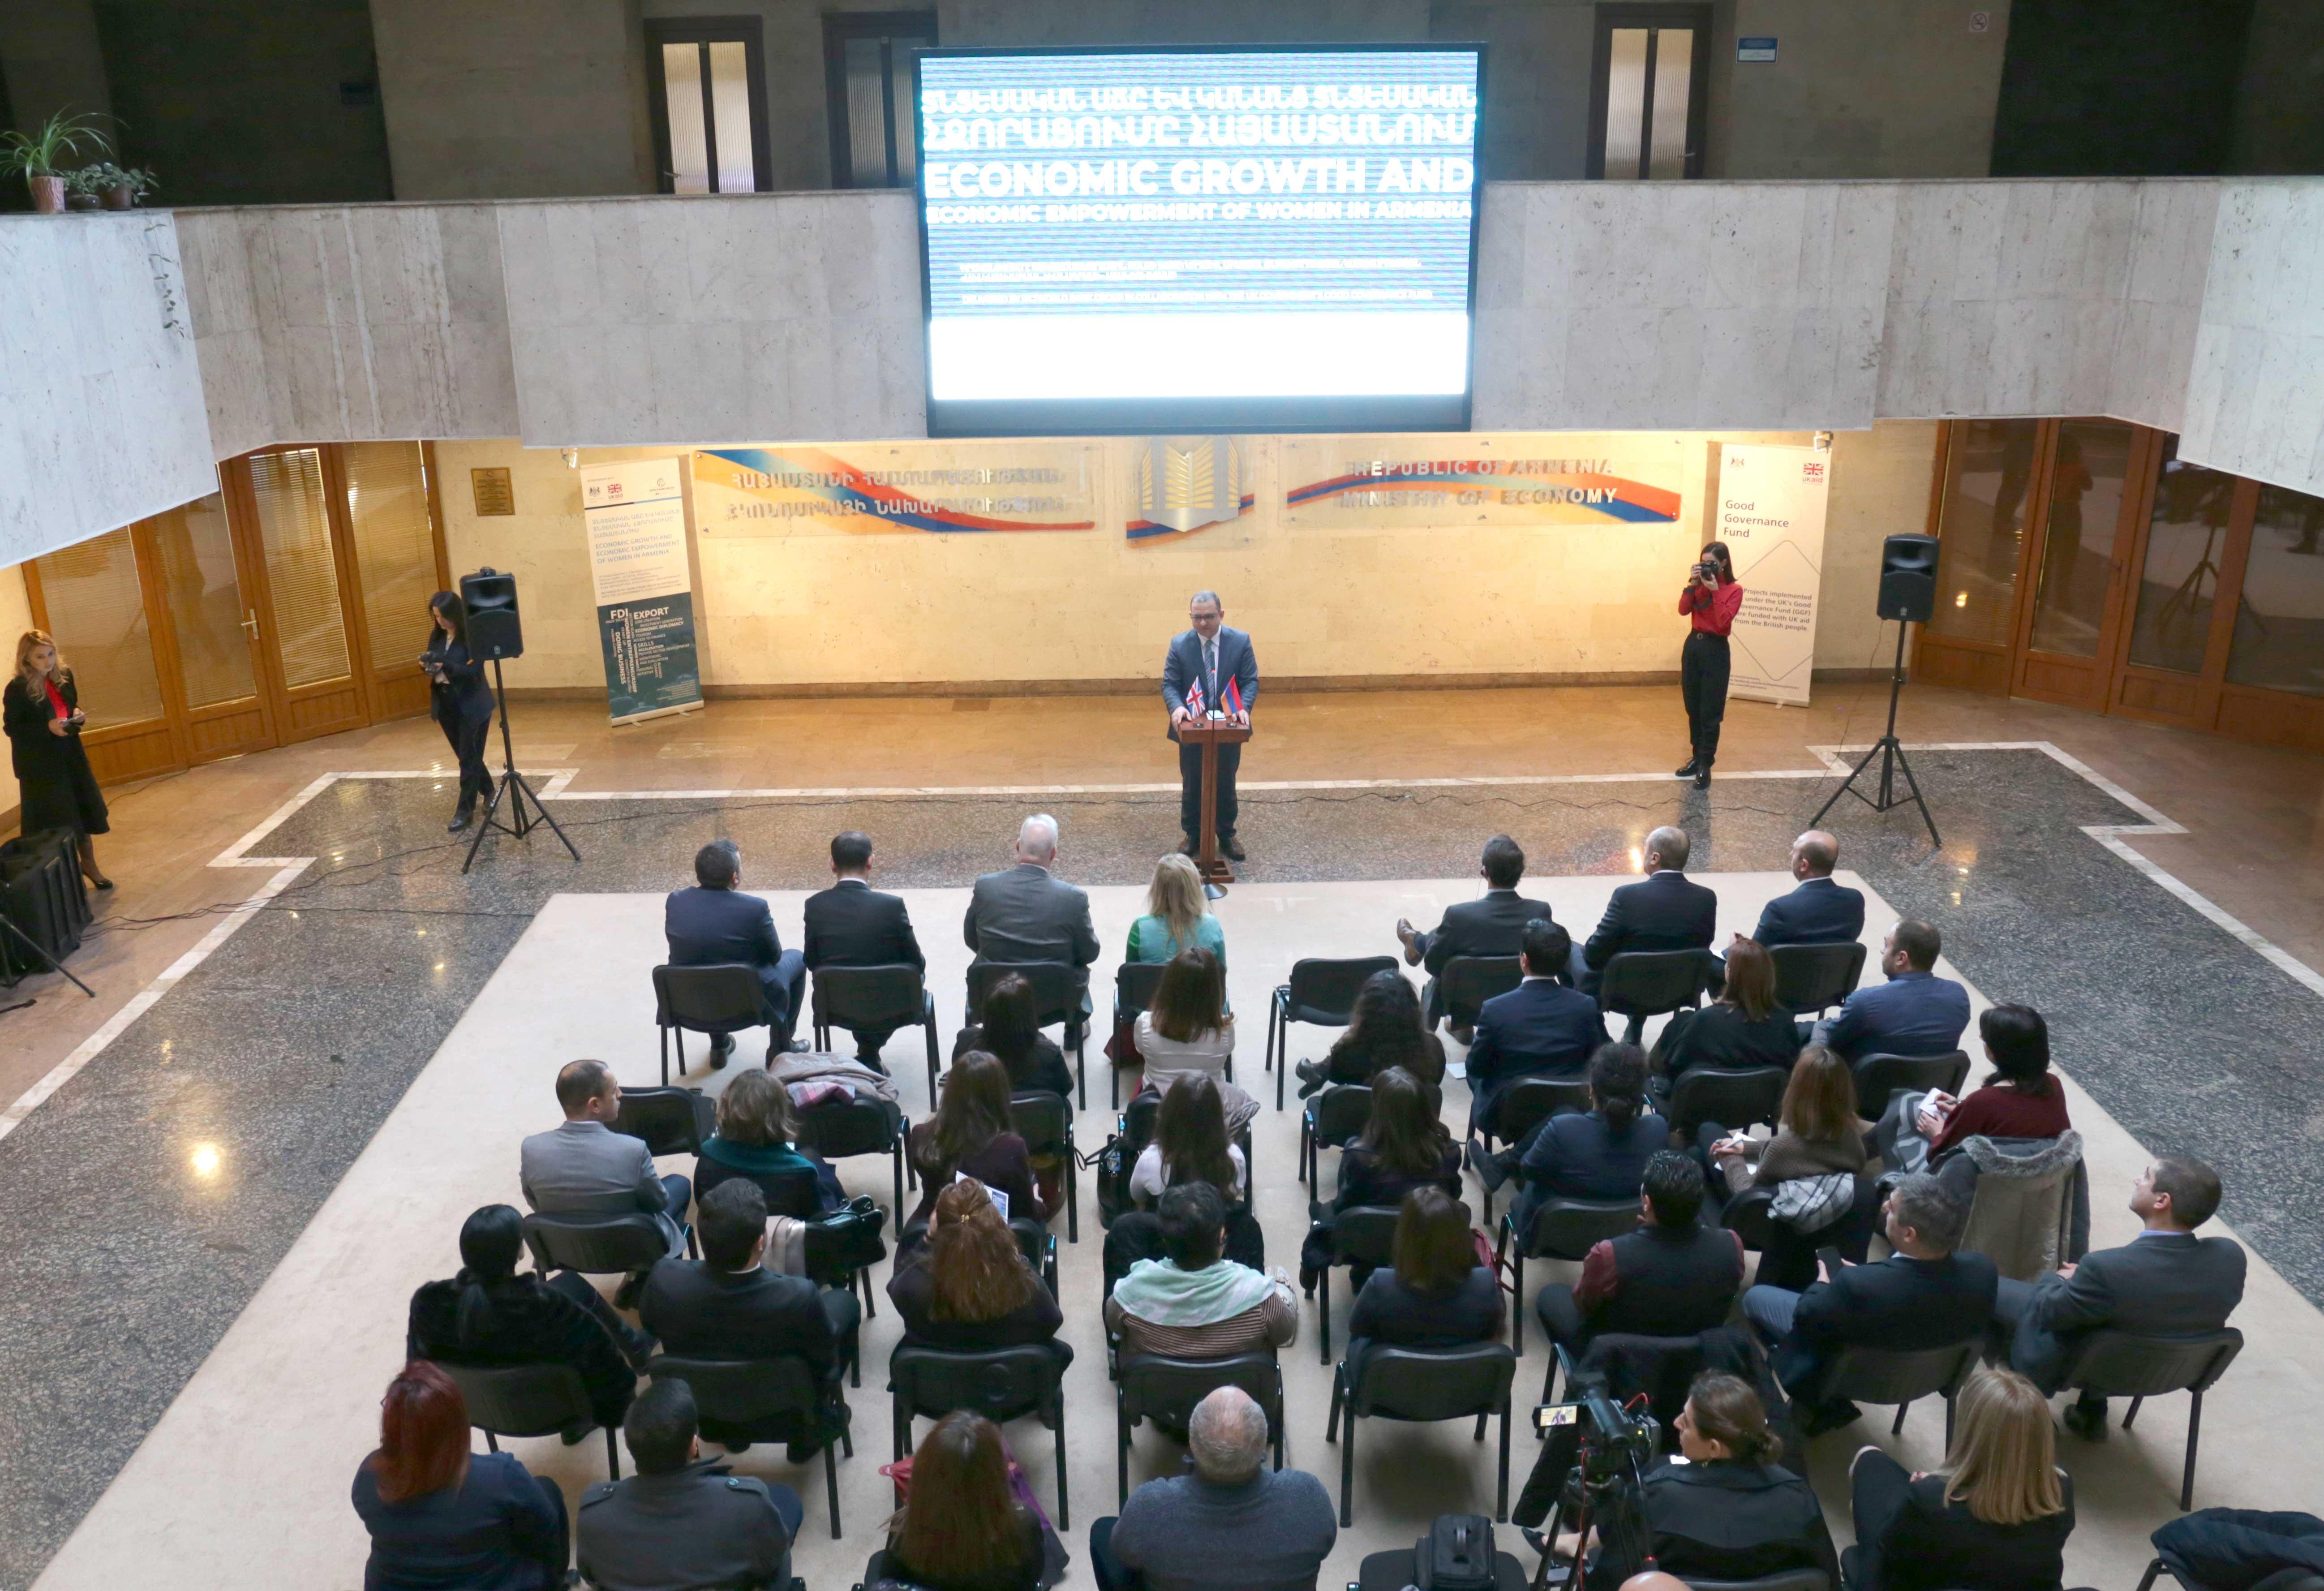 Համաշխարհային բանկի խումբը կաջակցի Հայաստանում ներդրումների ներգրավմանը և կին ձեռնարկատերերի հզորացմանը